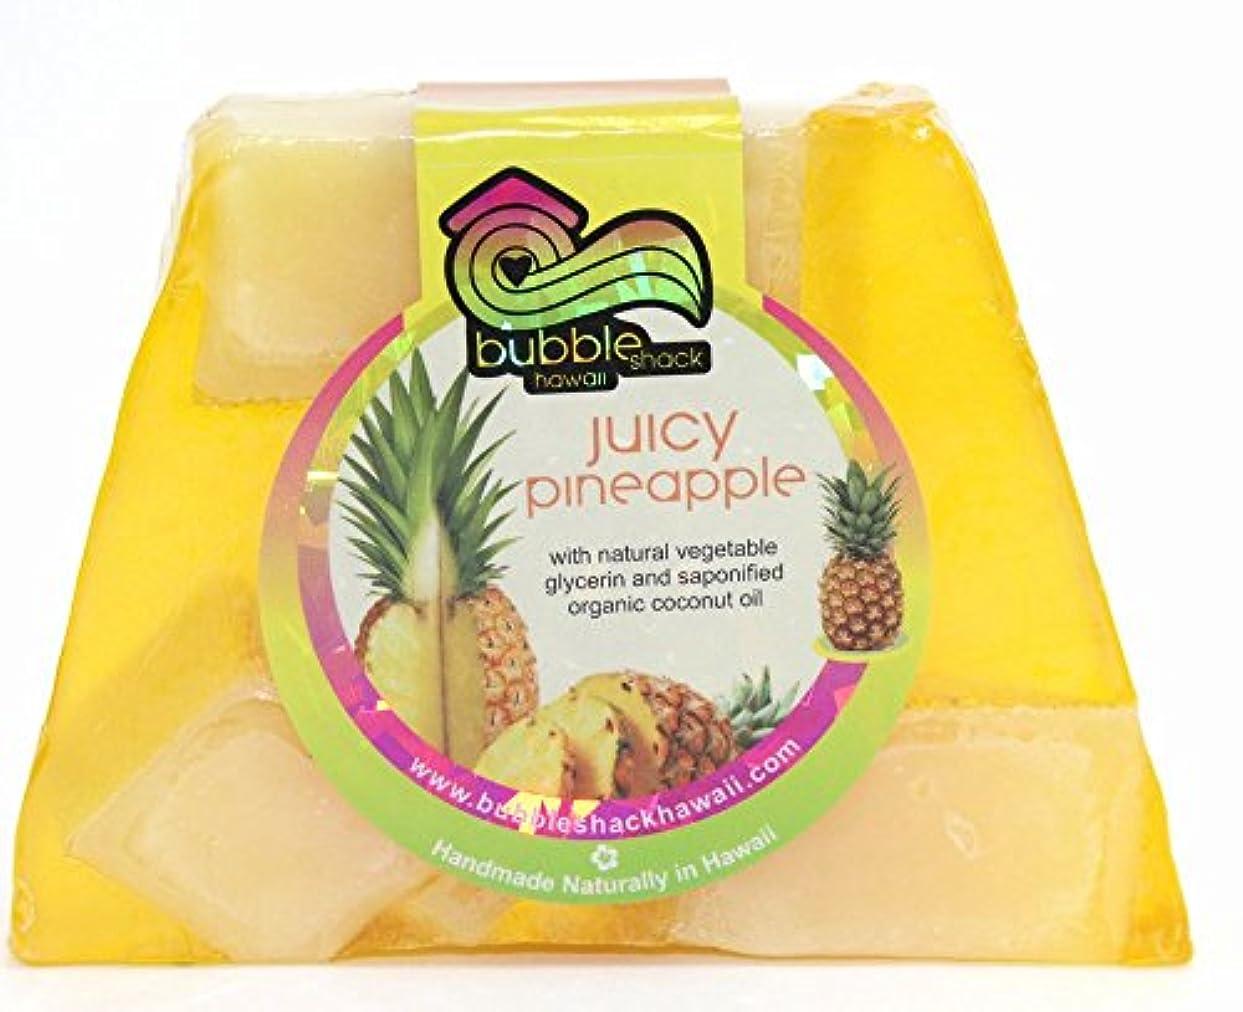 放散する実現可能暗黙ハワイ お土産 ハワイアン雑貨 バブルシャック パイナップル チャンクソープ 石鹸 (パイナップル) ハワイ雑貨